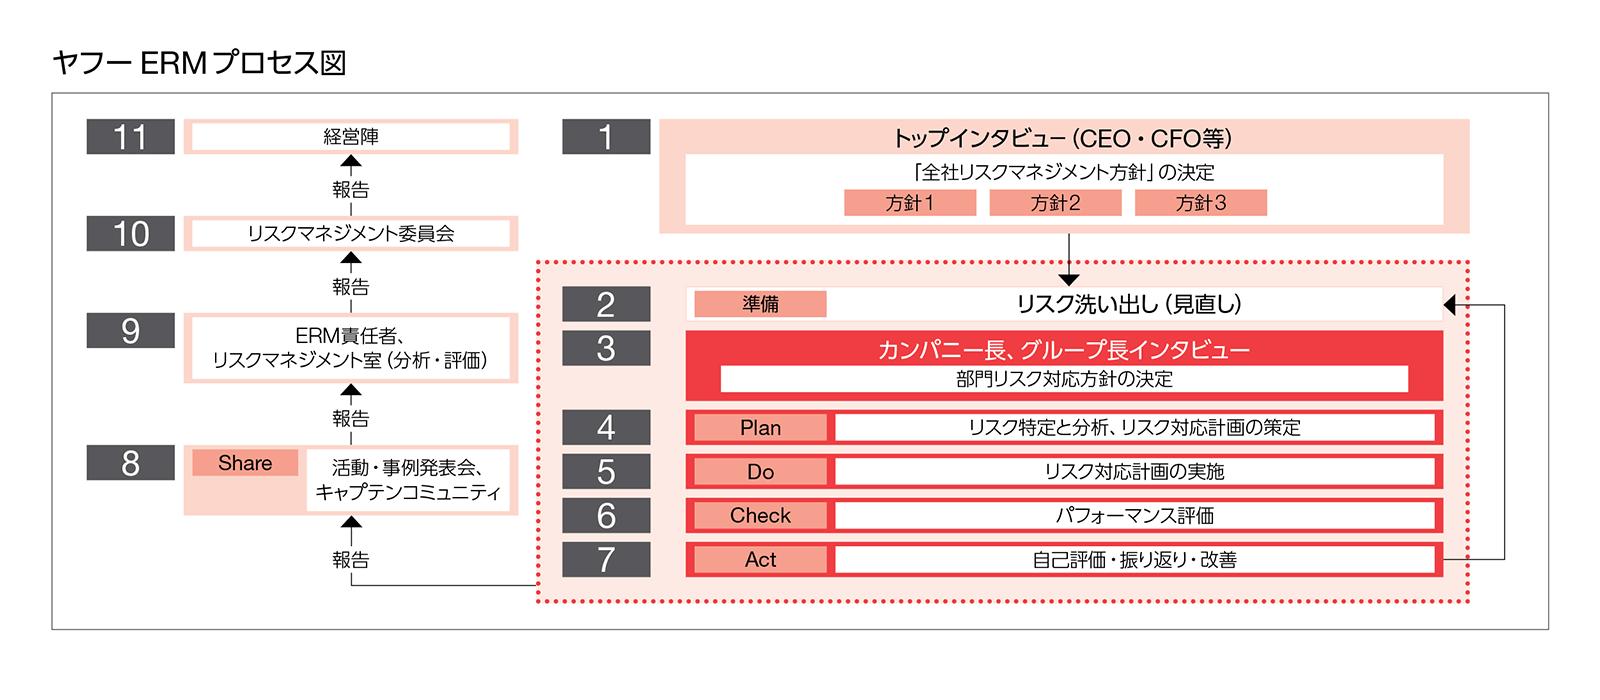 ヤフーERMプロセス図